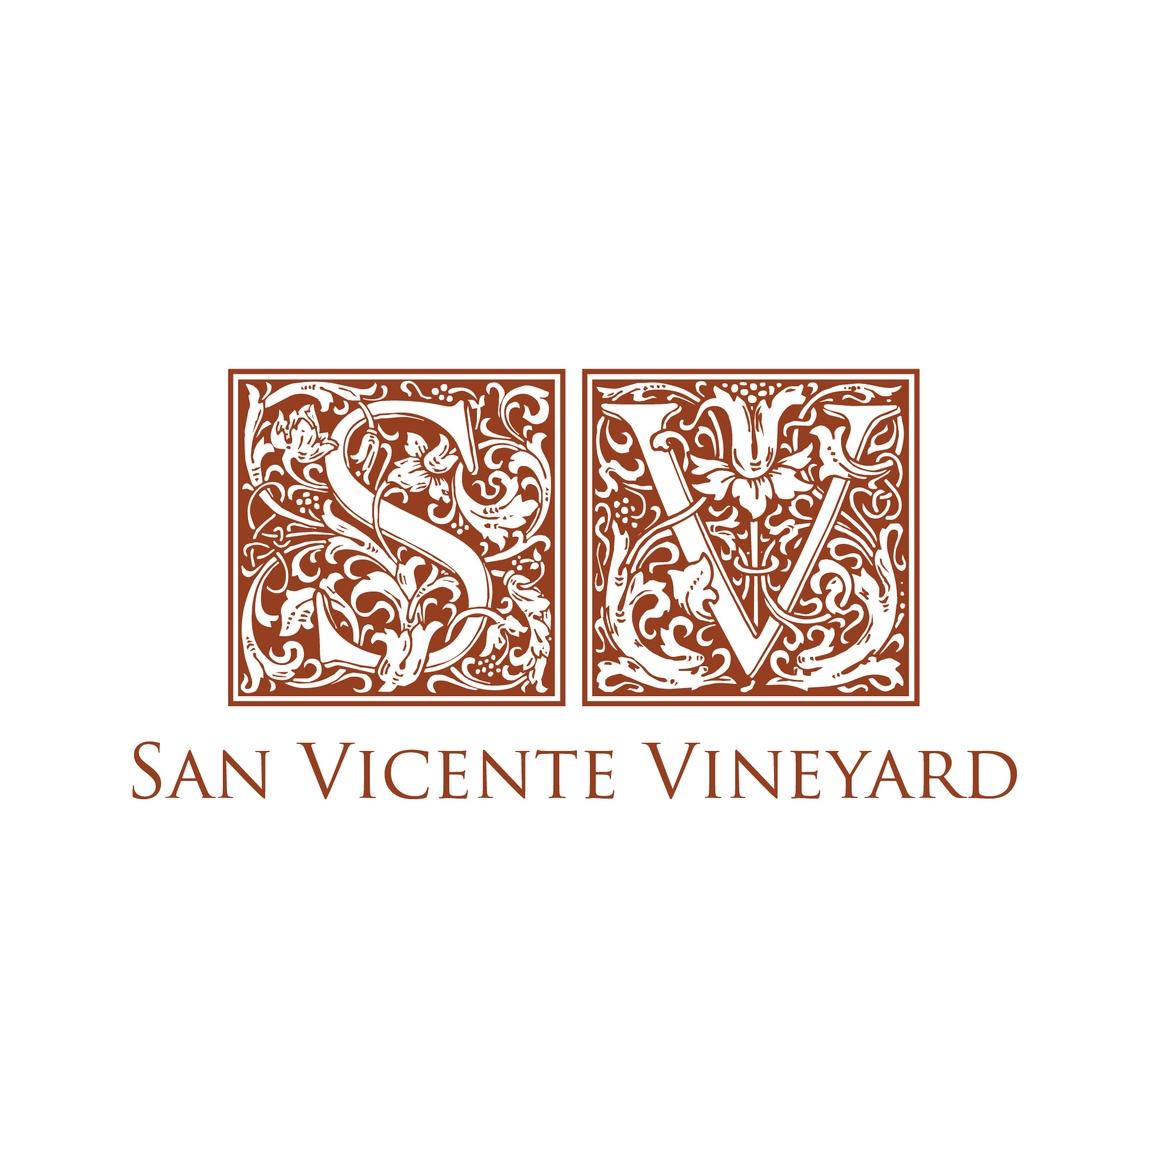 sv-logo.jpg